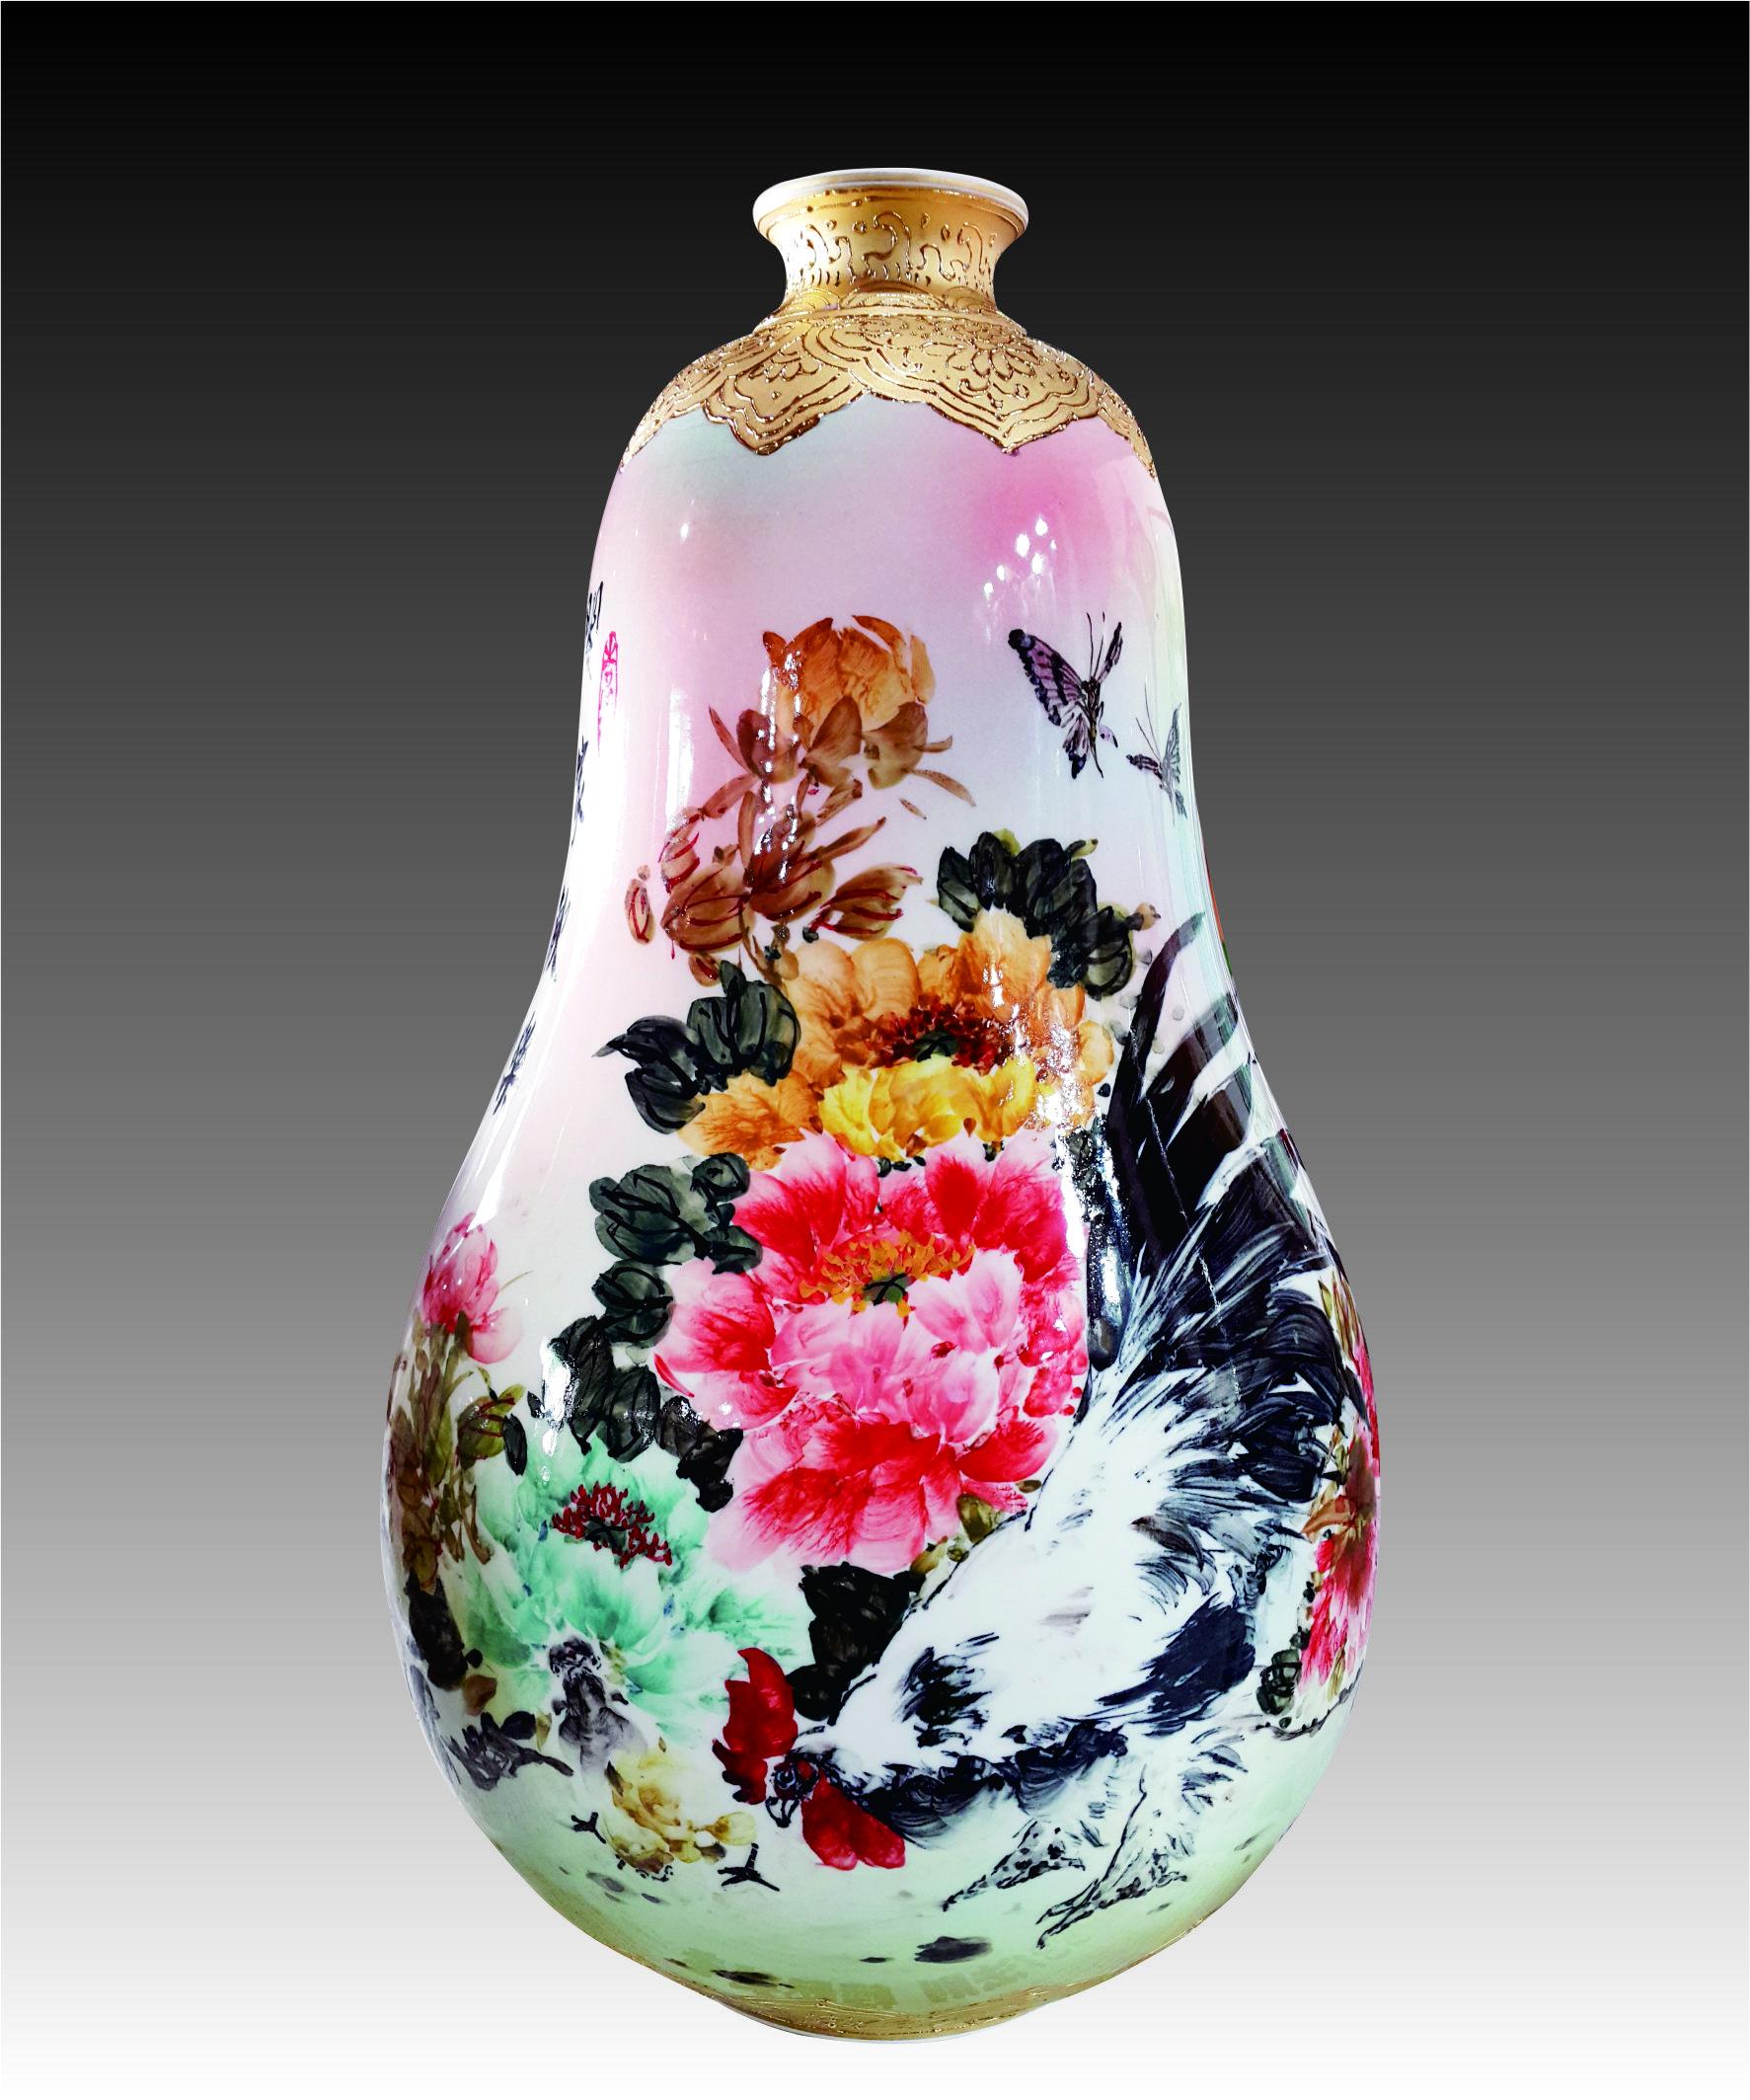 彩金彩繪闔家歡樂葫蘆瓶